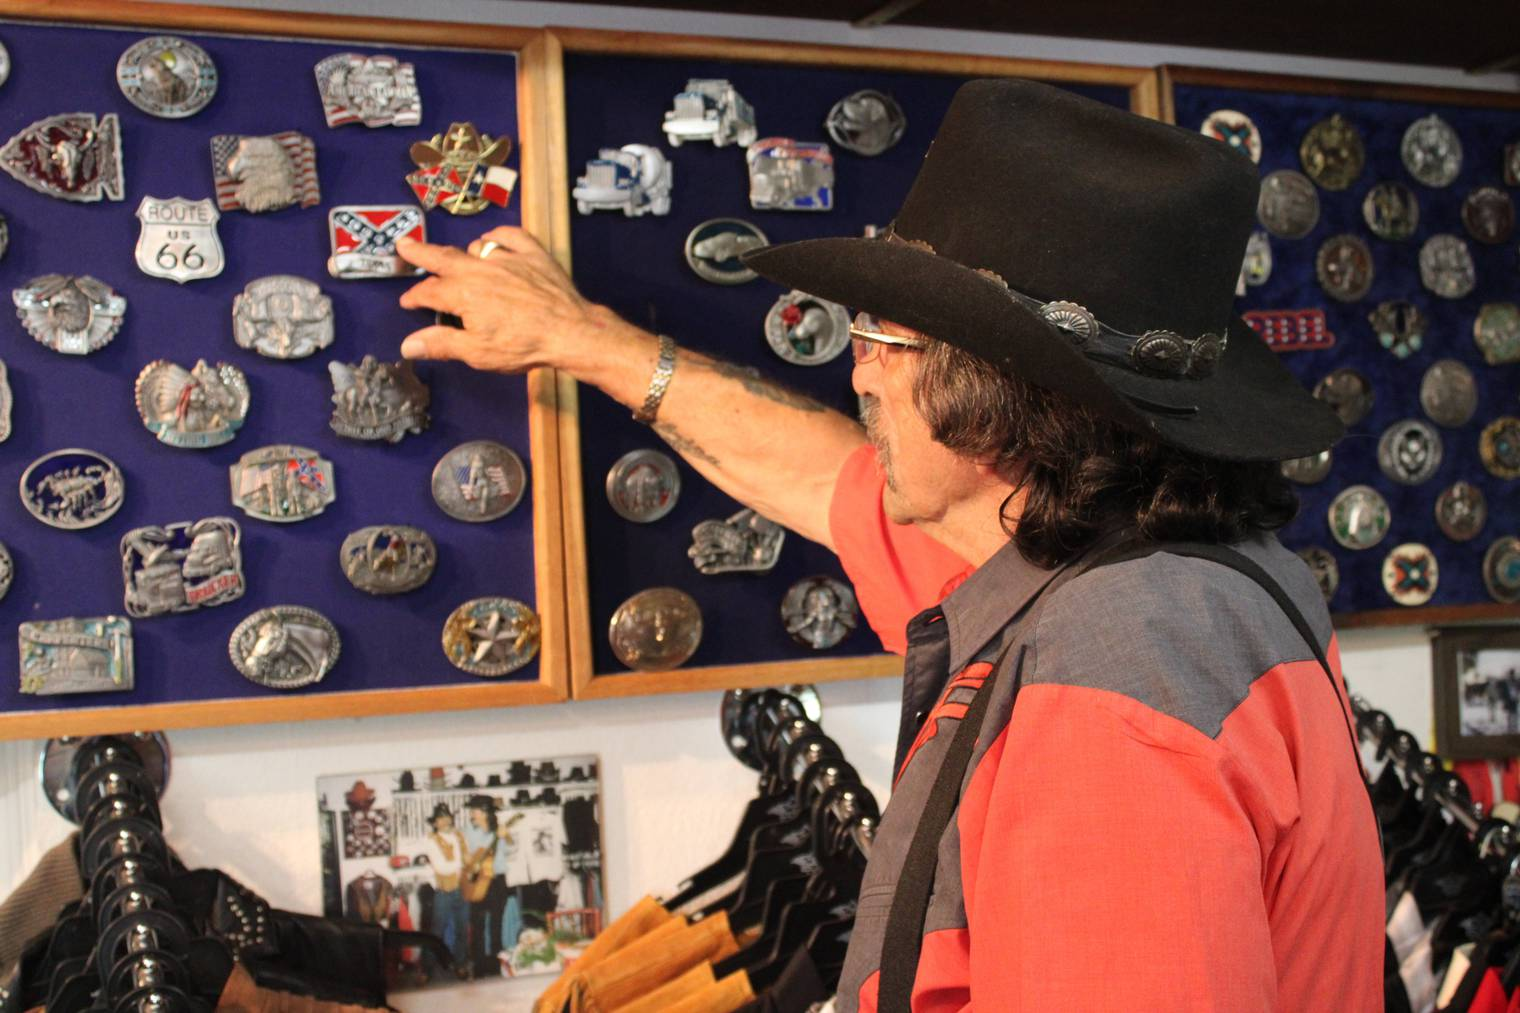 Peter Hüppi zeigt eine Auswahl an Schnallen. Von diesen hat er noch besonders viel. (Bild: Lara Abderhalden)